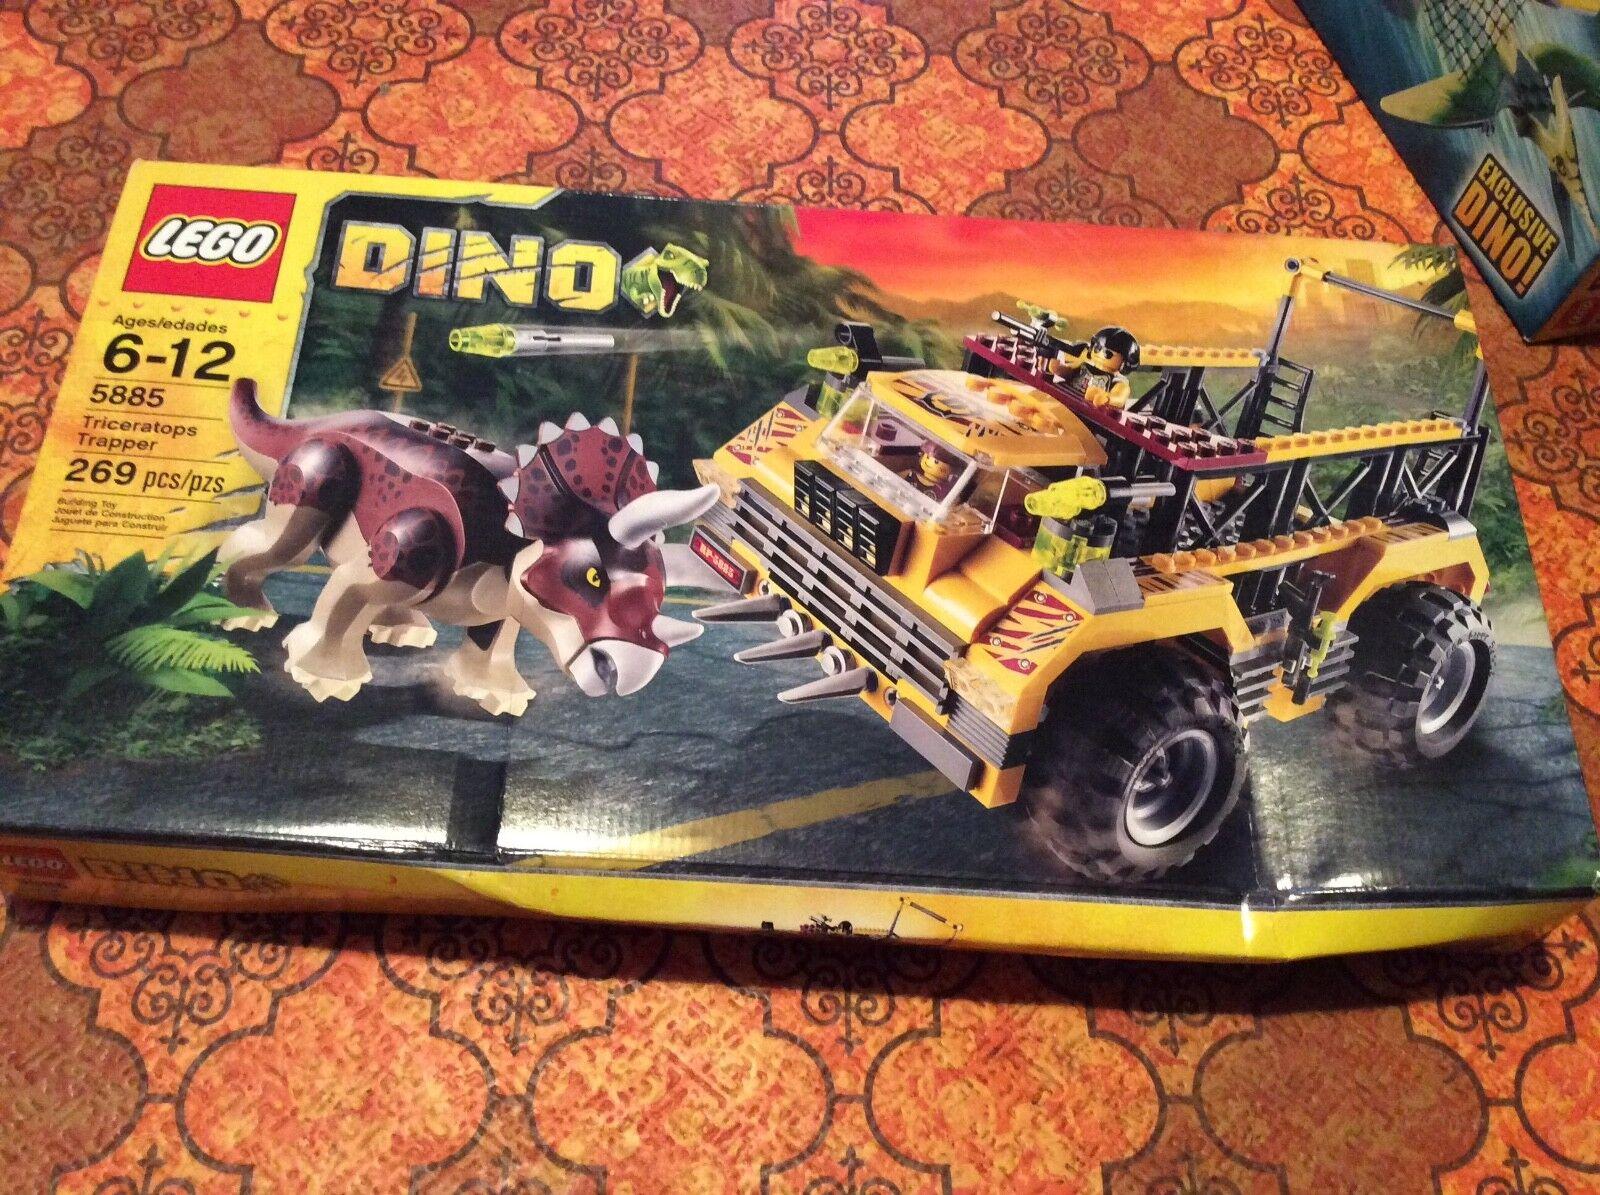 LEGO 5885 Dino Triceratops Trapper nuovo FACTORY SEALED  scatola  consegna veloce e spedizione gratuita per tutti gli ordini